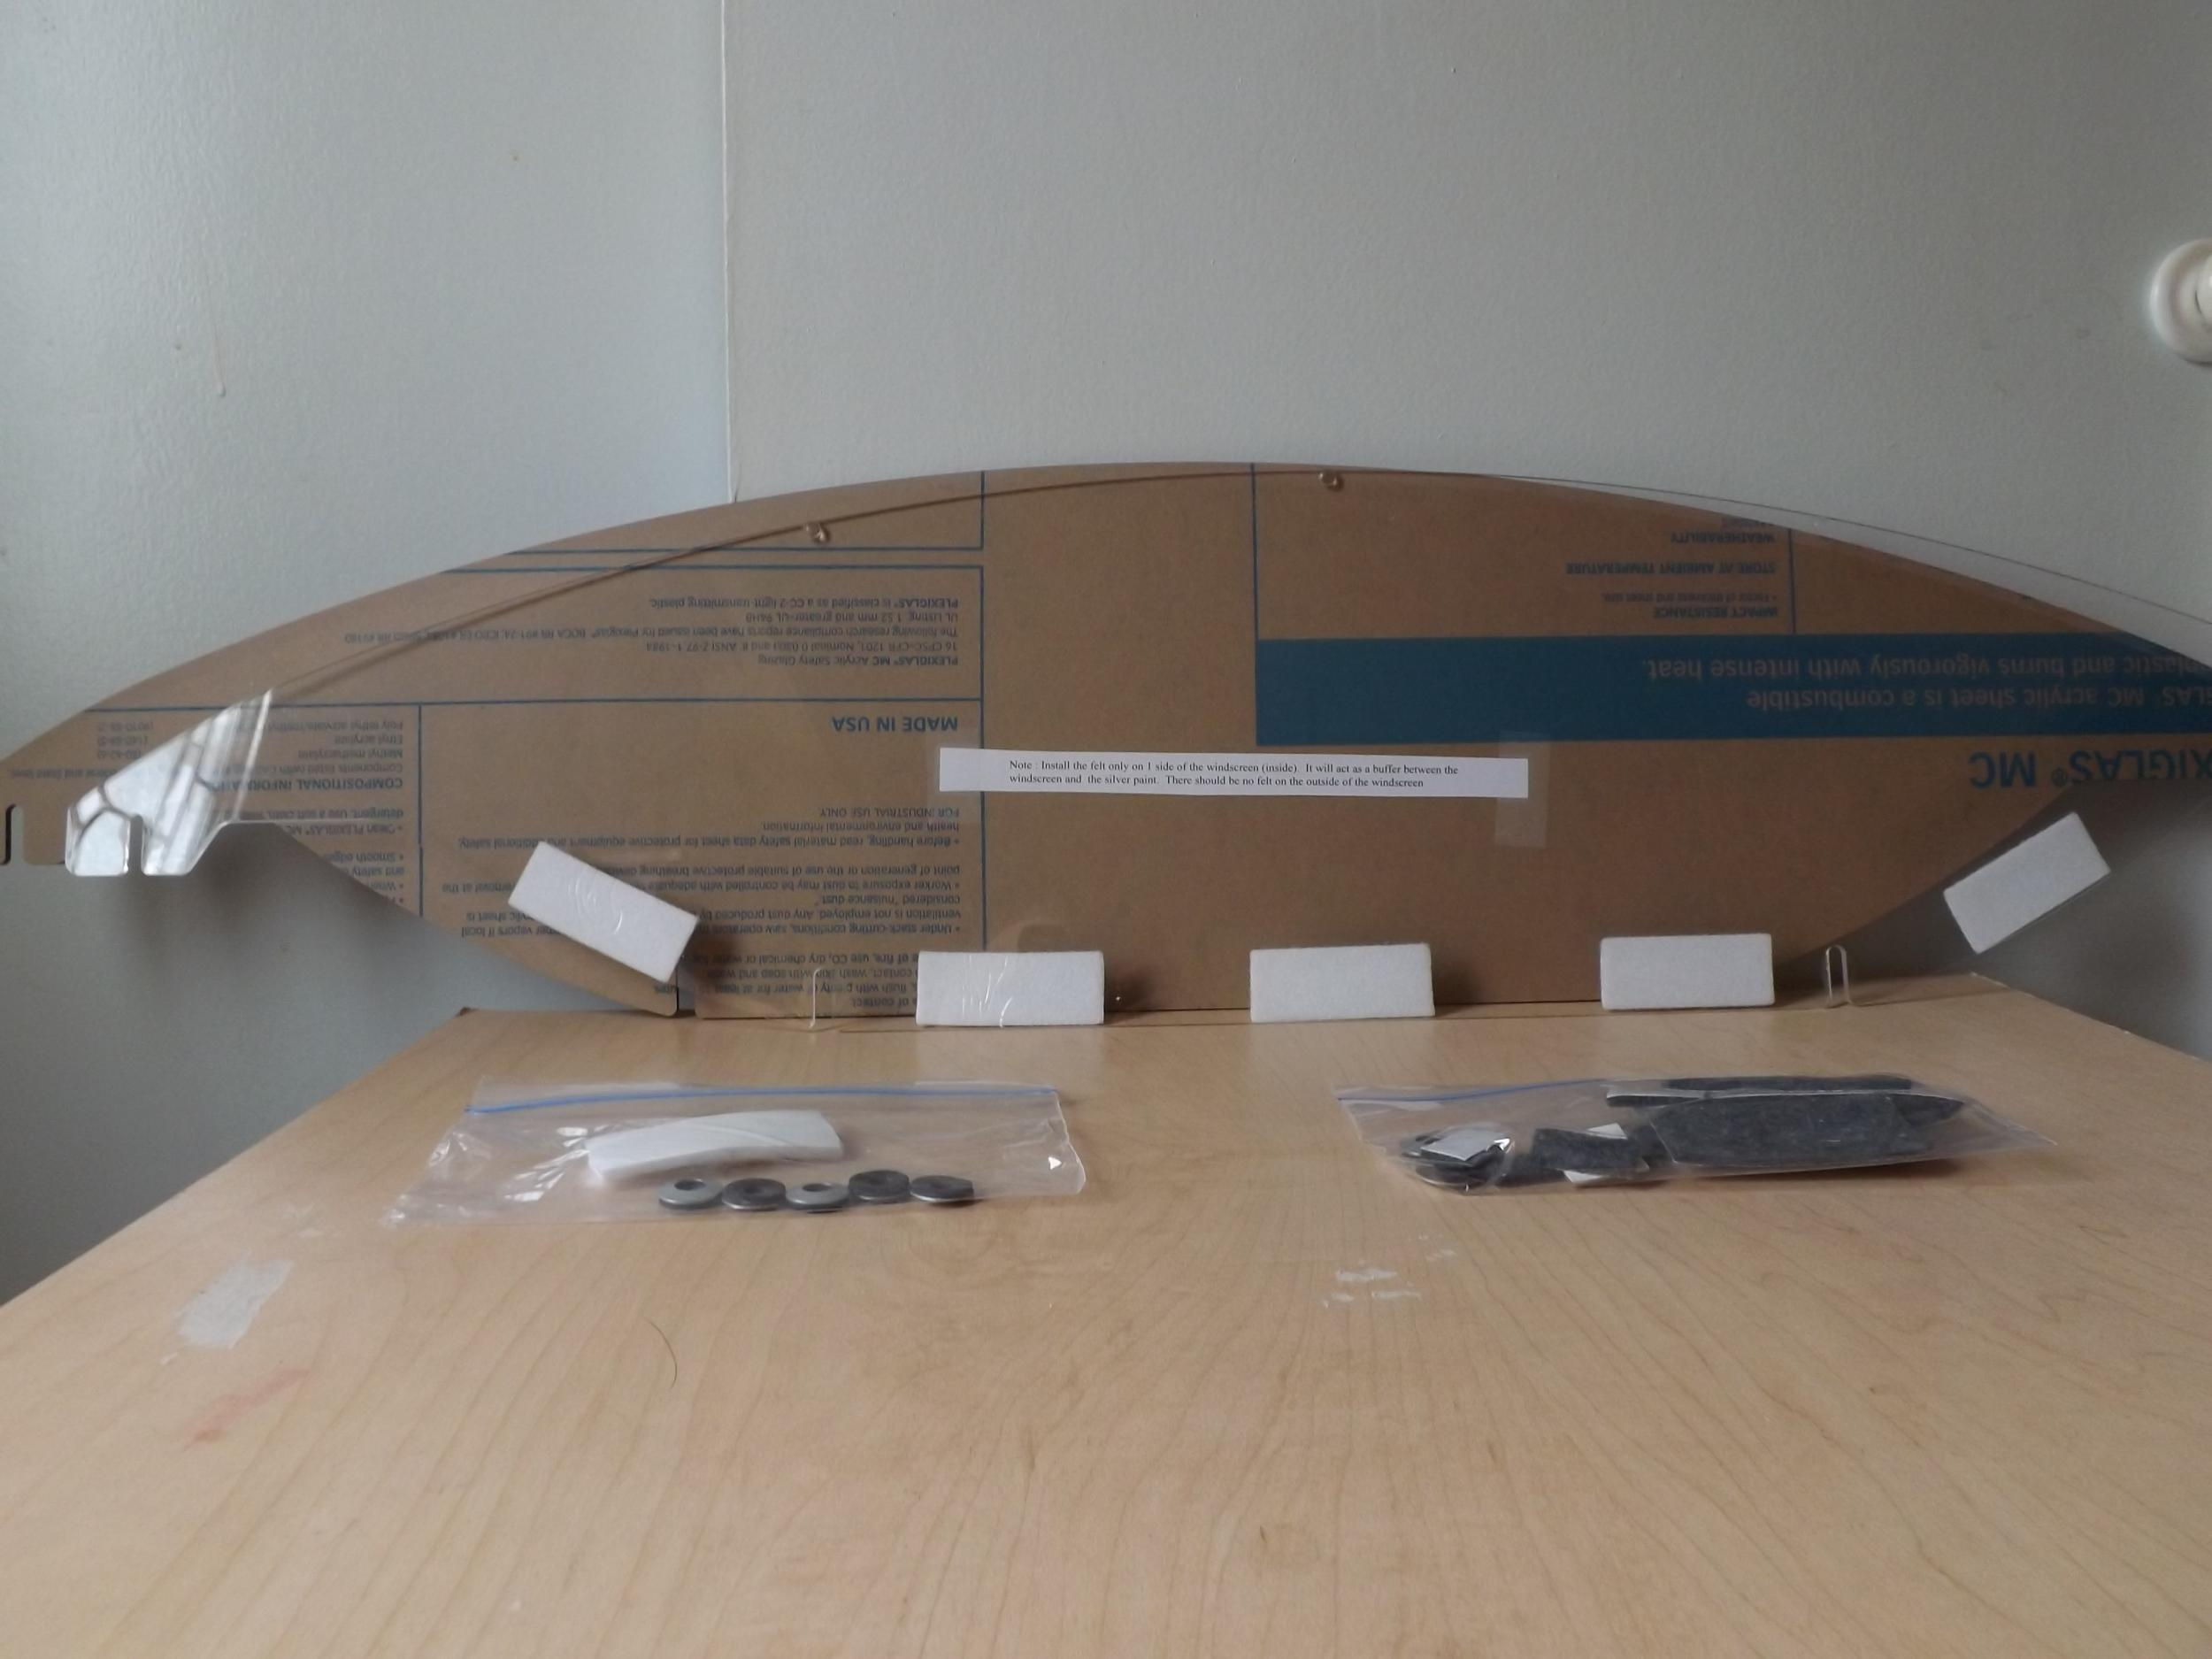 [b]diecast models[/b]-wind-blkr-003.jpg